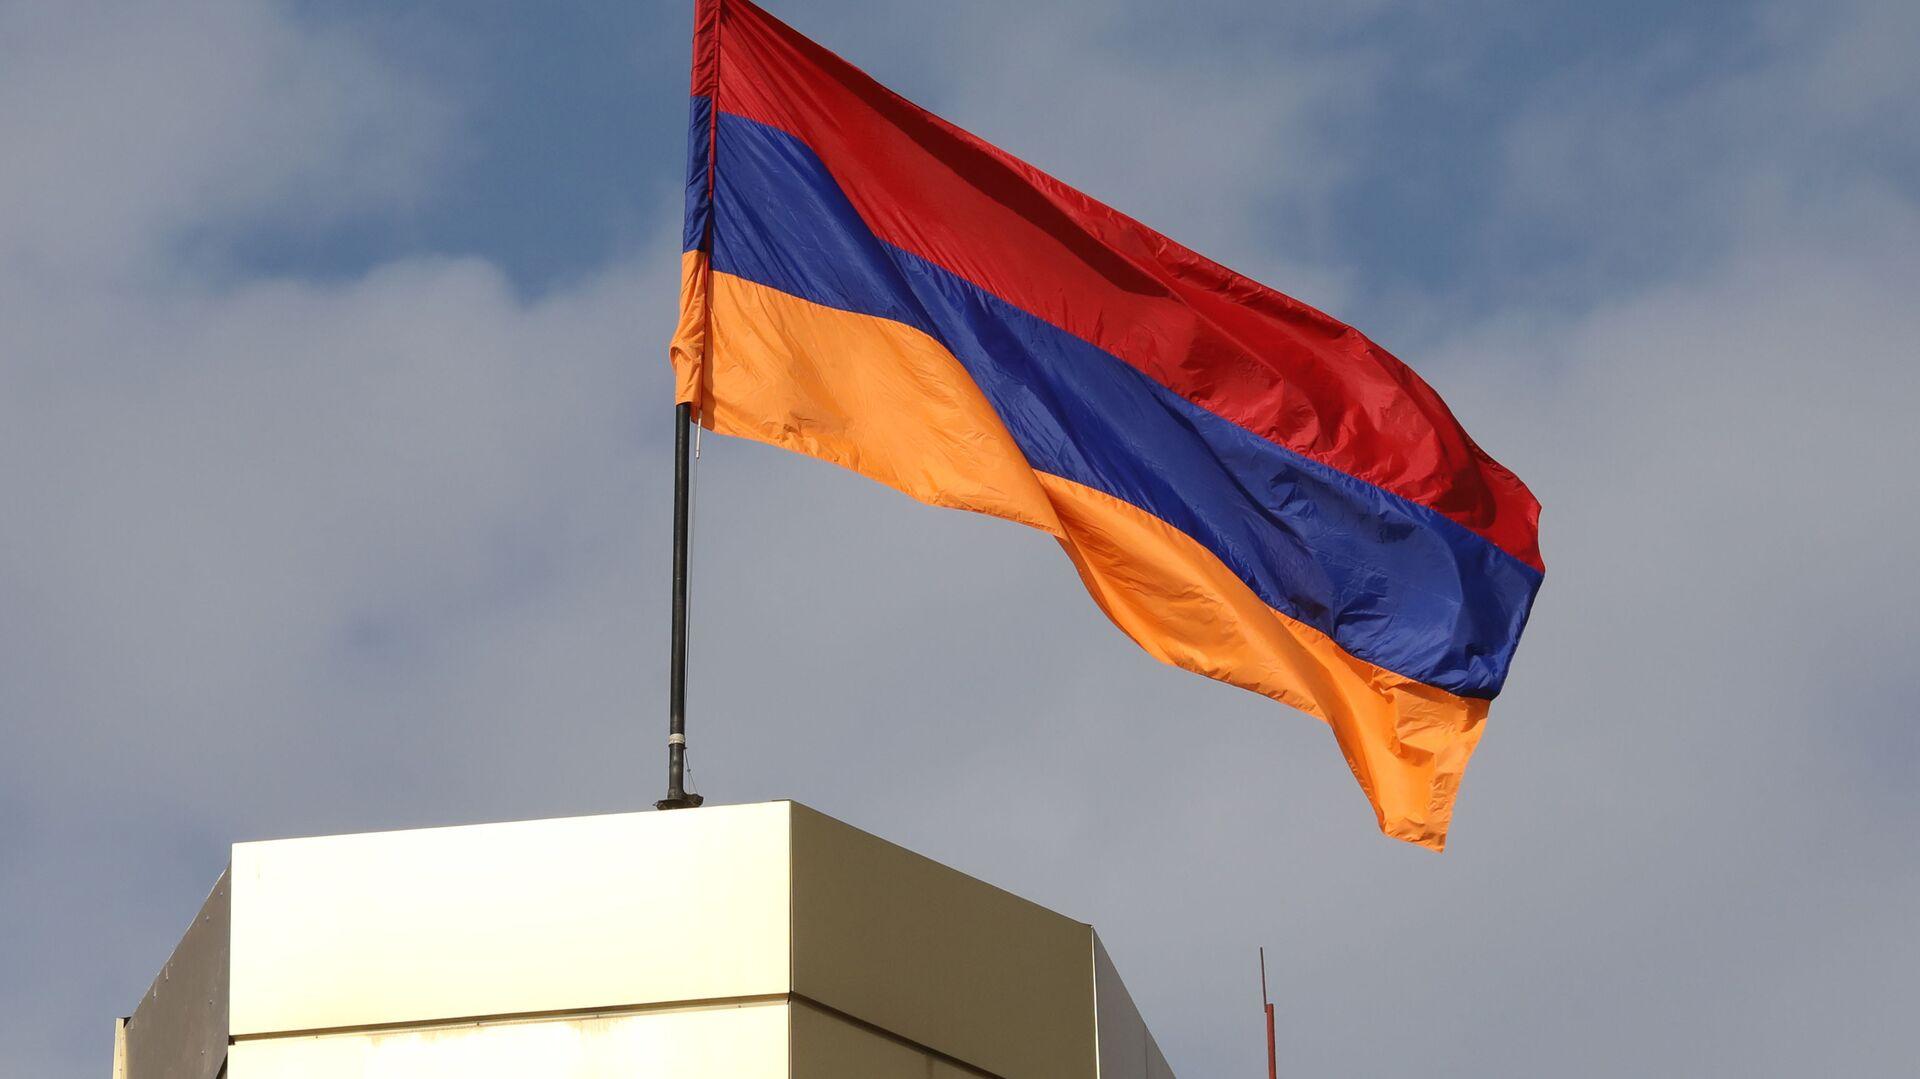 Ermenistan bayrak - Ermenistan bayrağı - Sputnik Türkiye, 1920, 22.04.2021